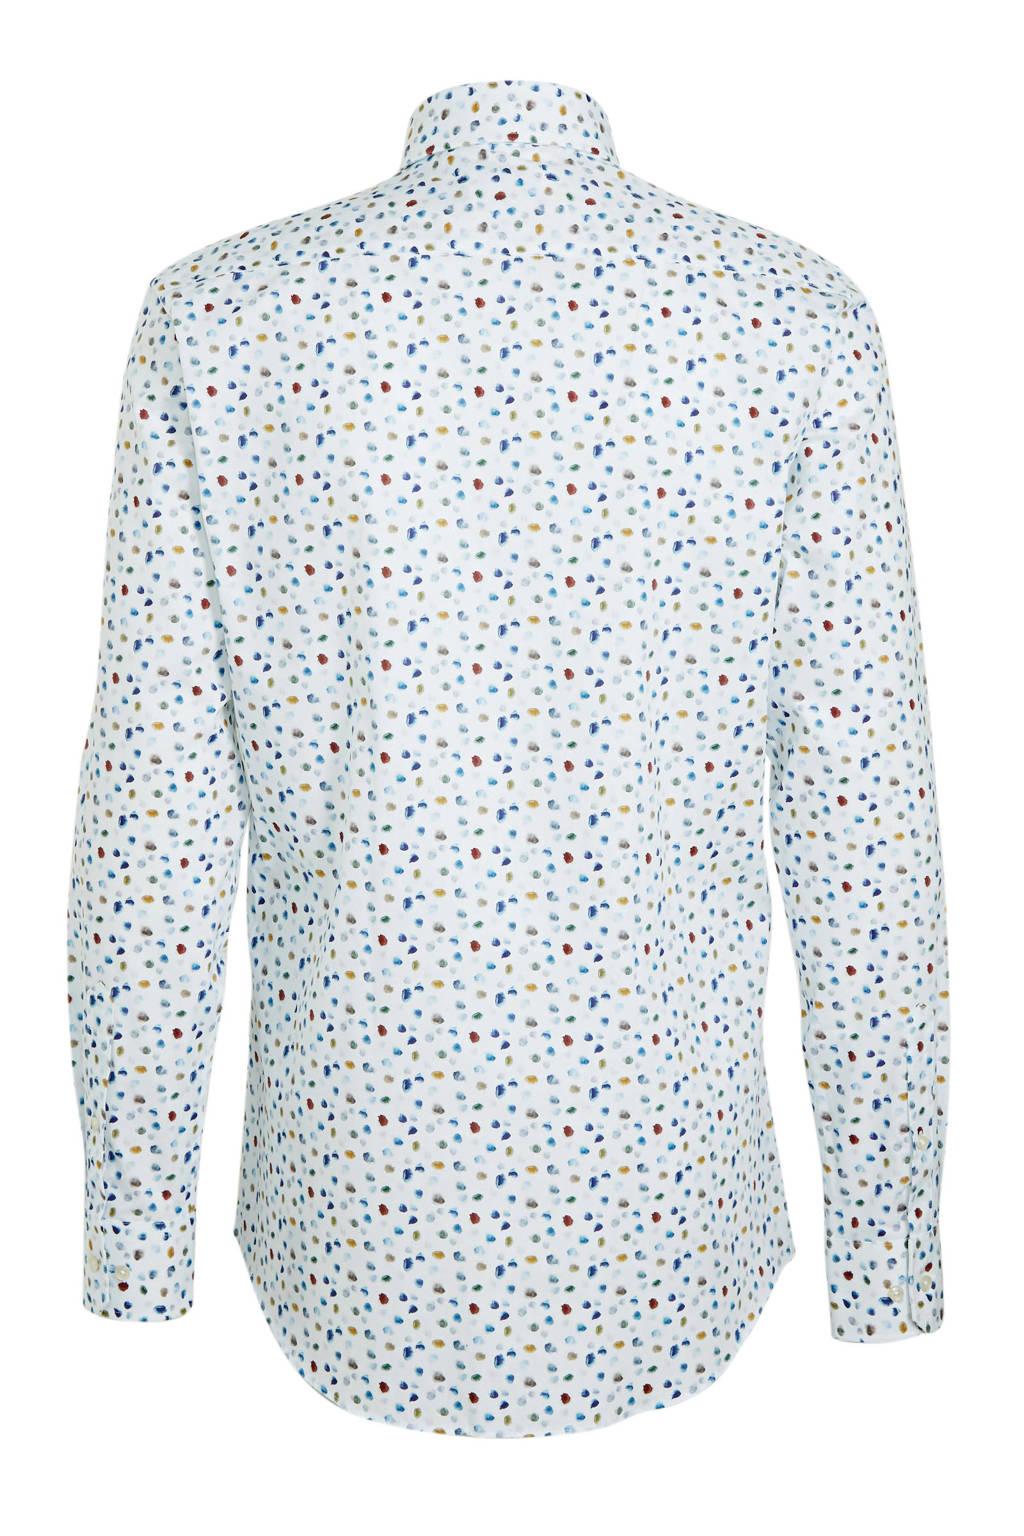 Michaelis slim fit overhemd met mouwlengte 7 met all over print wit/blauw, Wit/blauw